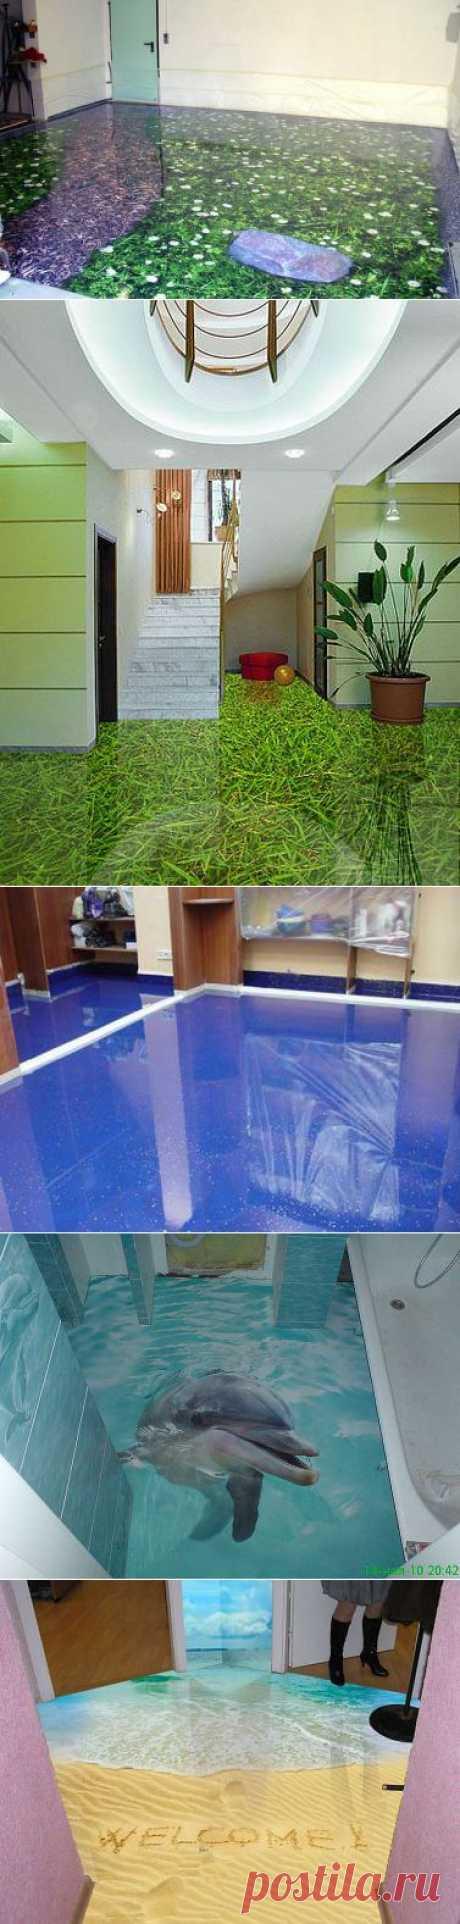 Наливные 3D полы.